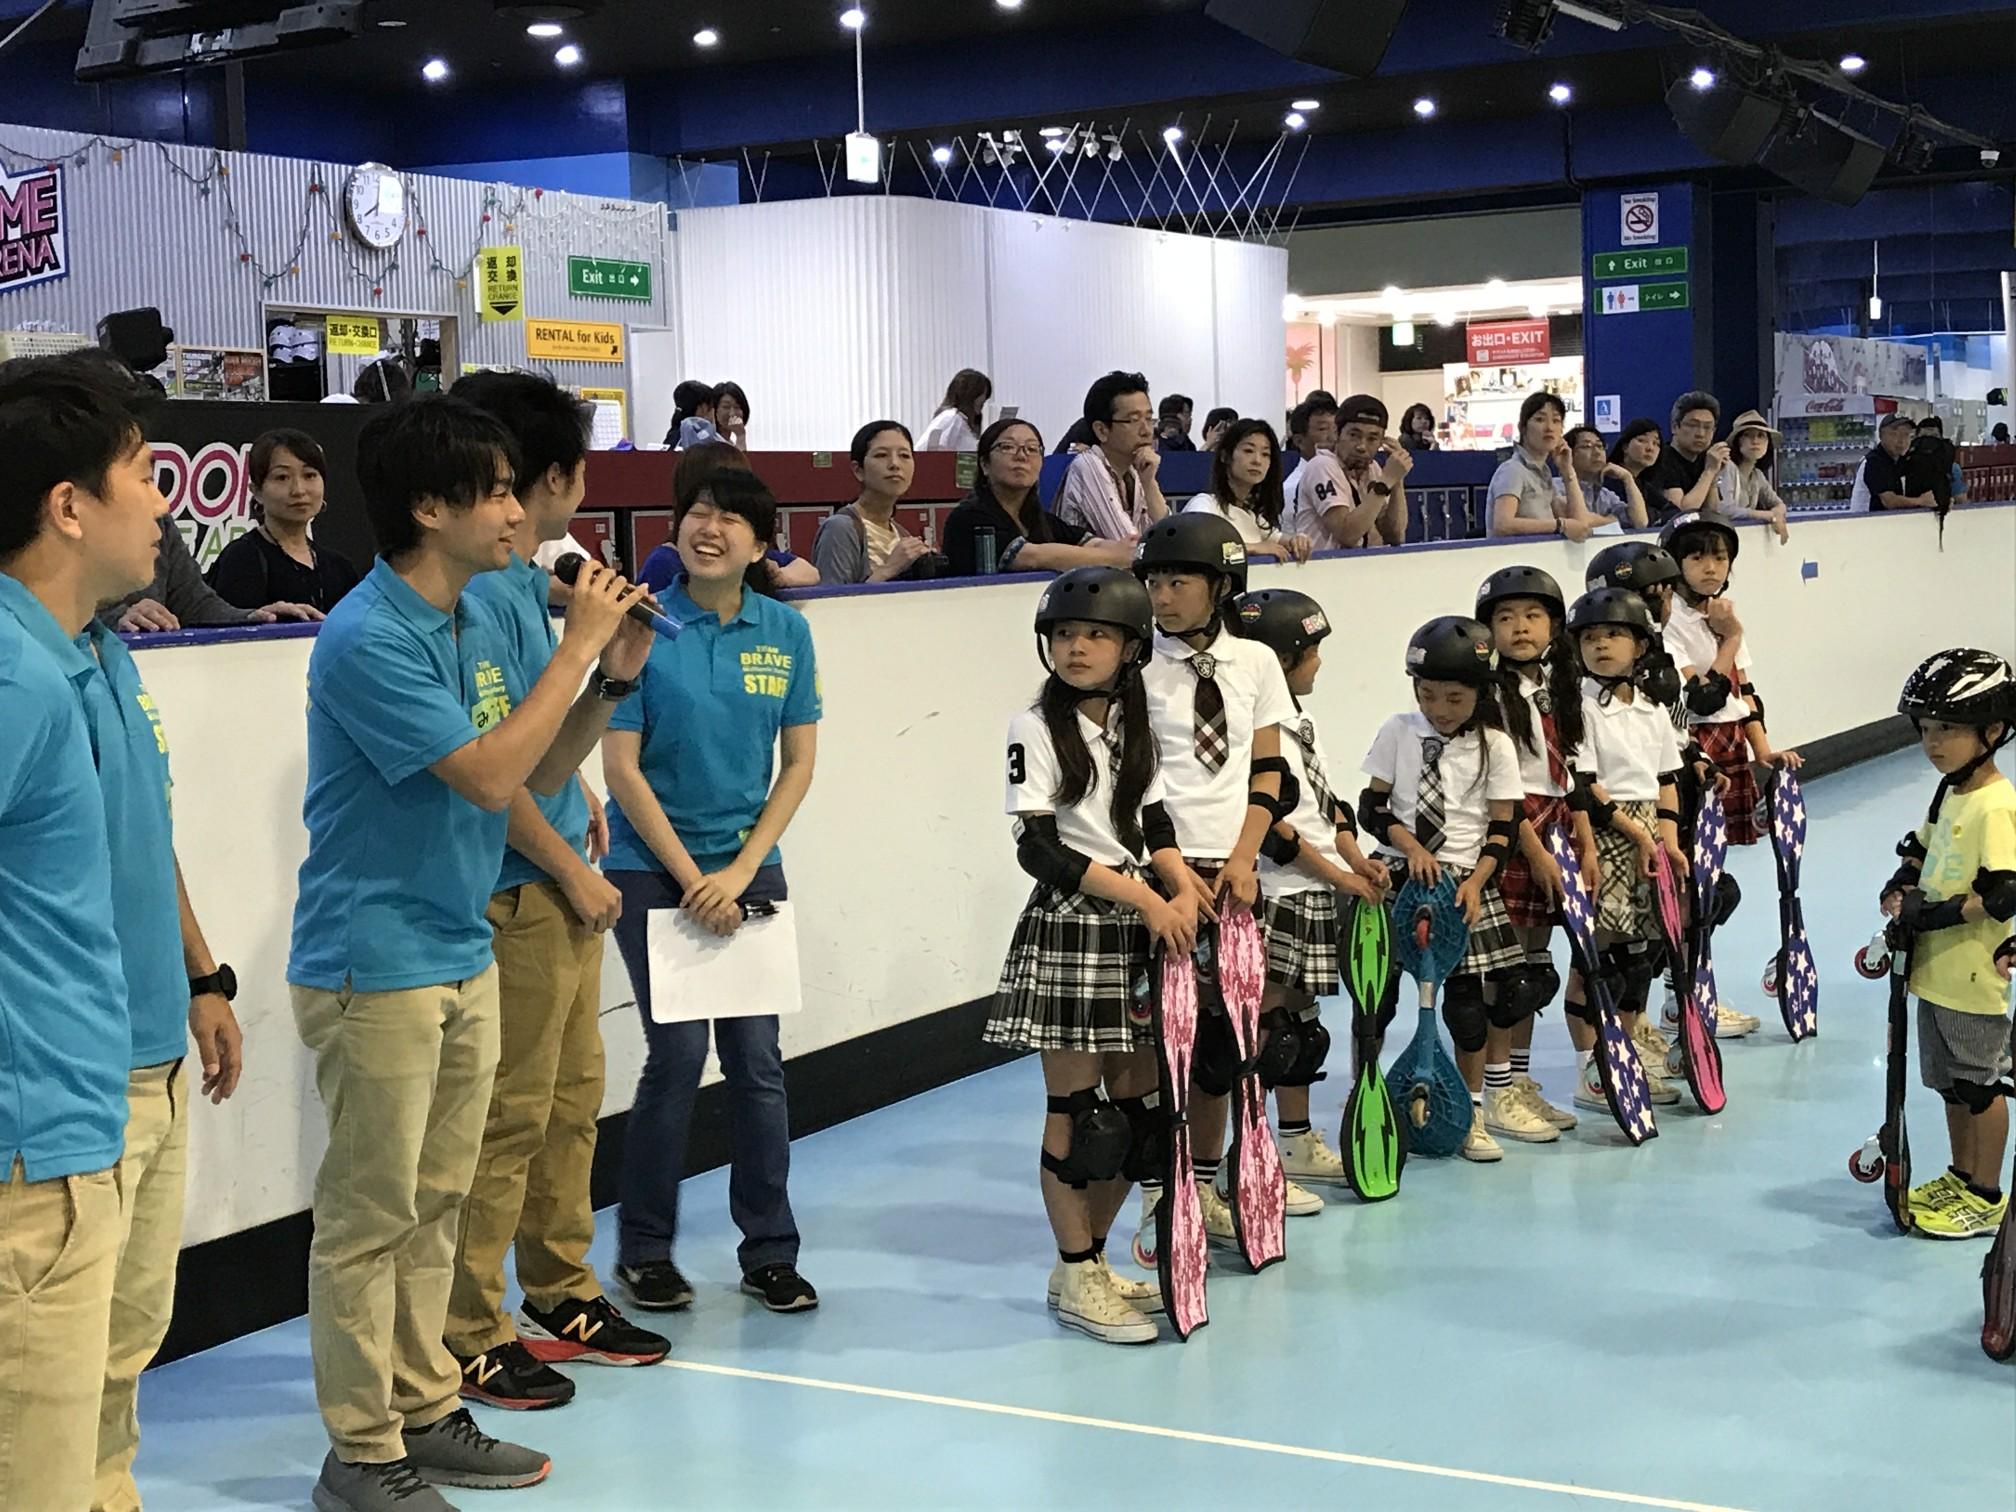 BBG 東京ドームブレイブボードタイム オープニング